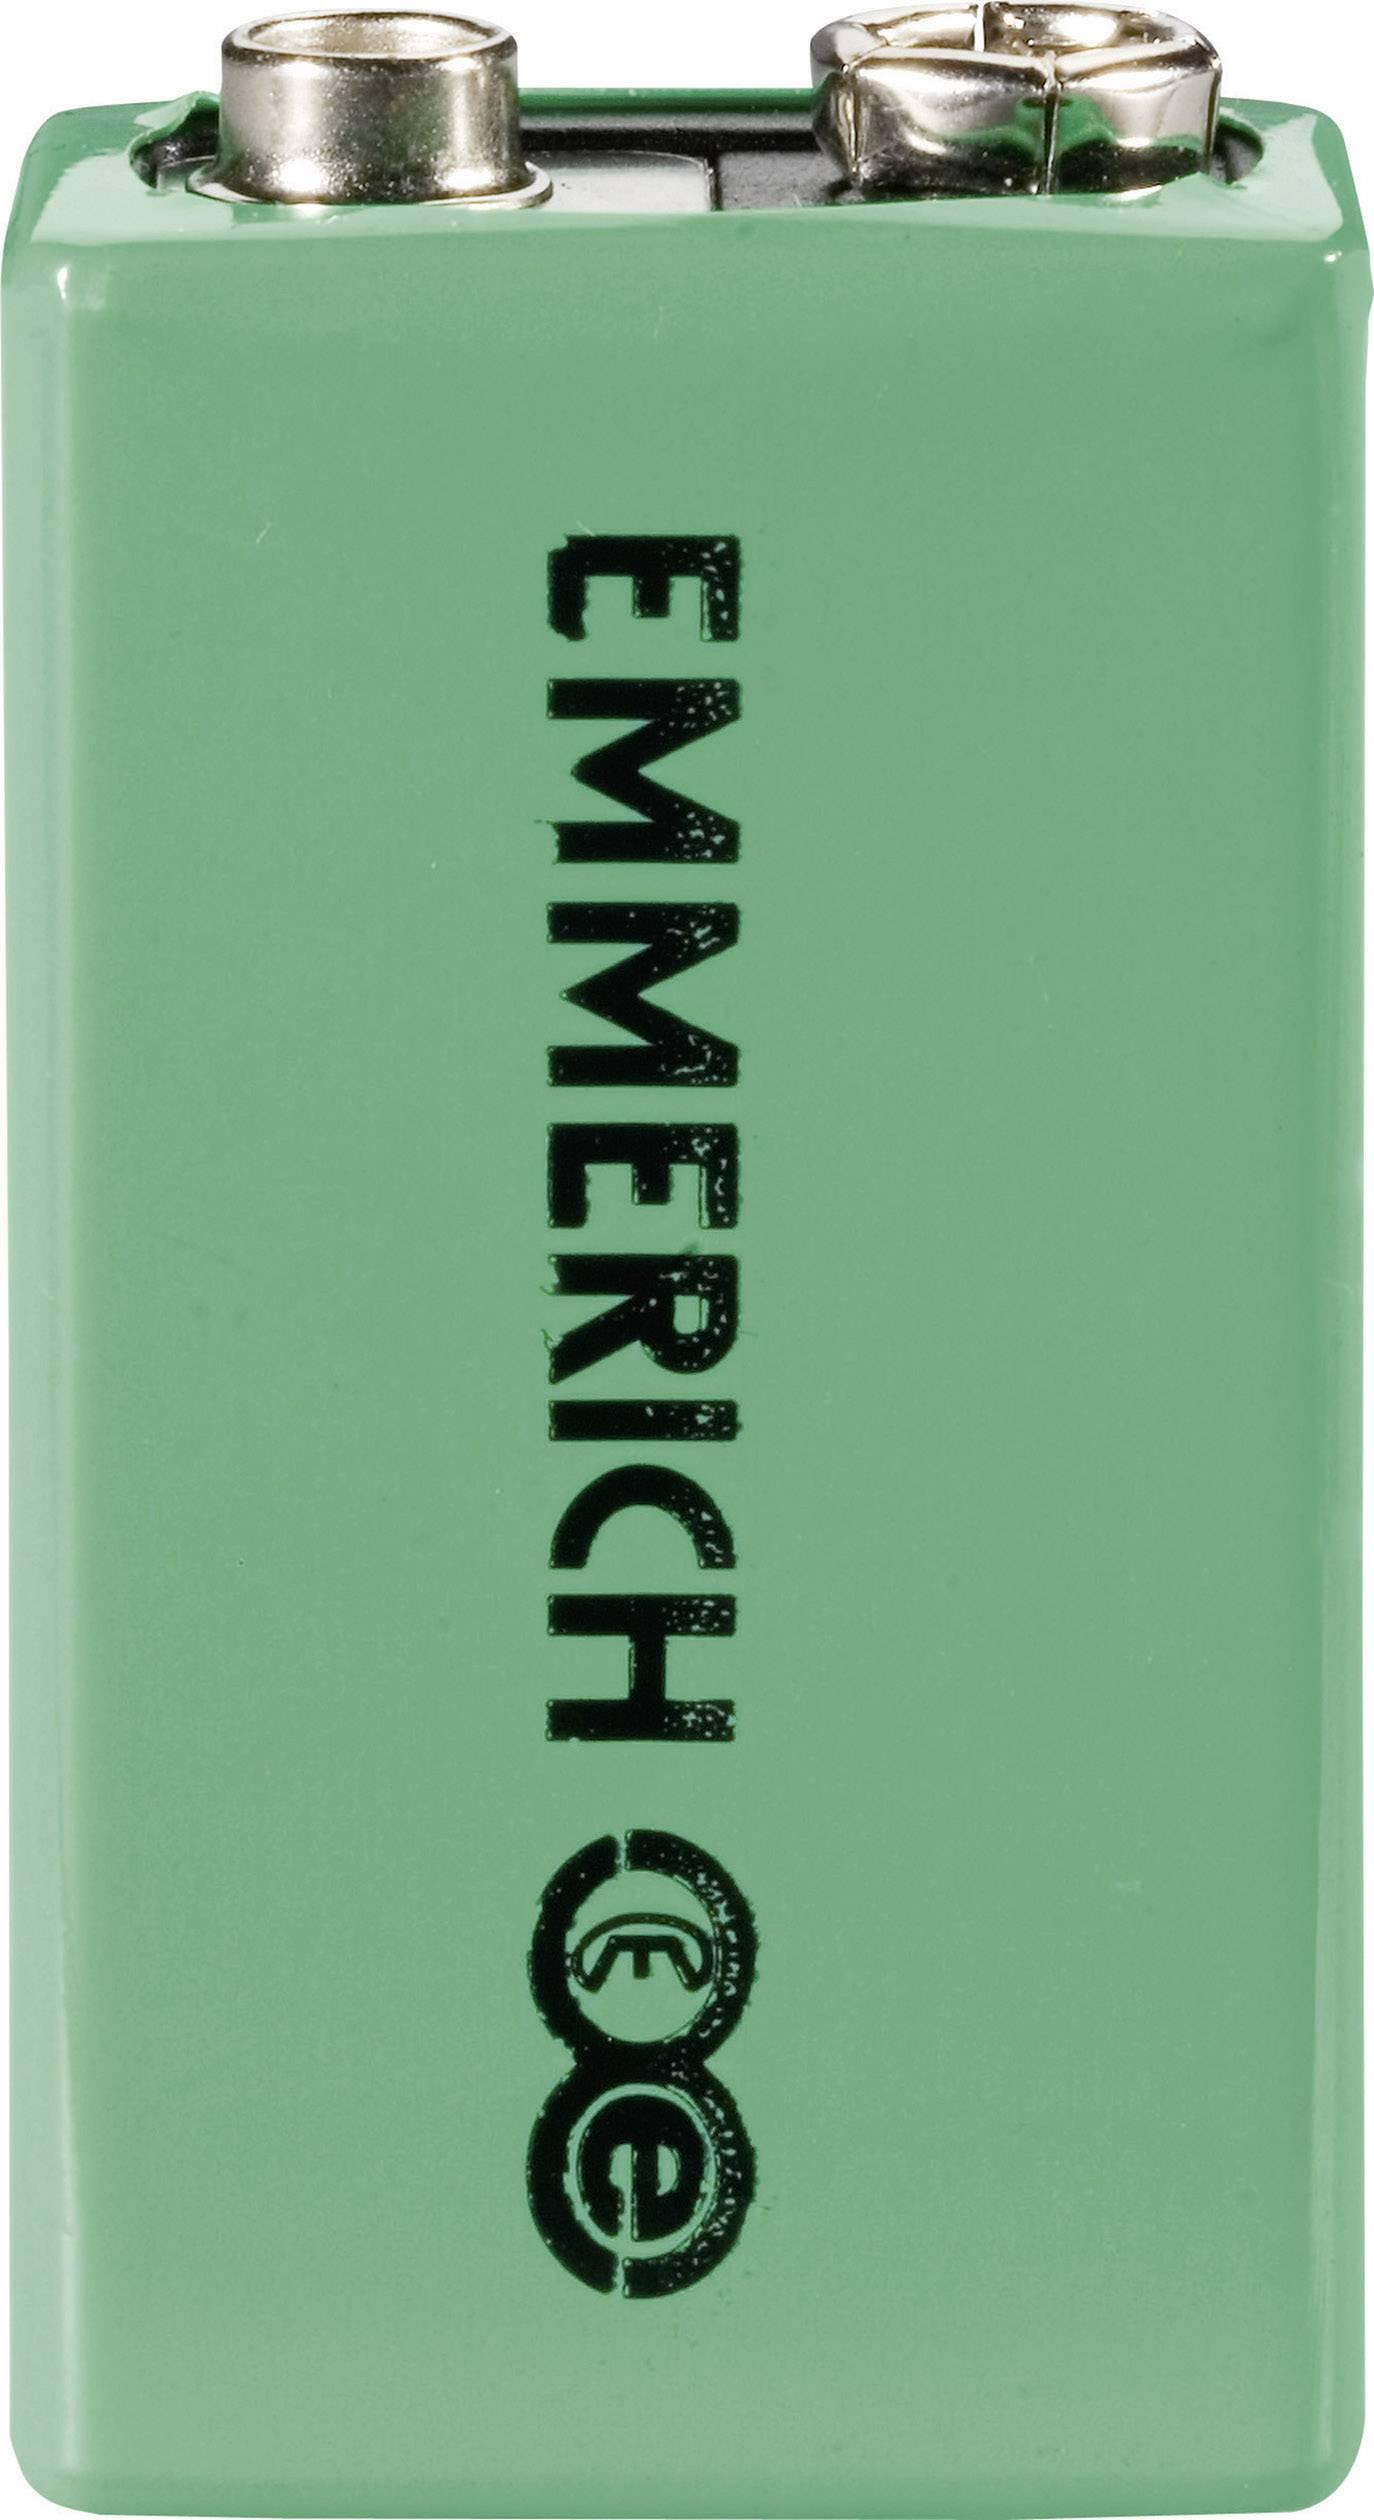 9 V akumulátor NiMH Emmerich 6LR61 255049, 160 mAh, 8.4 V, 1 ks